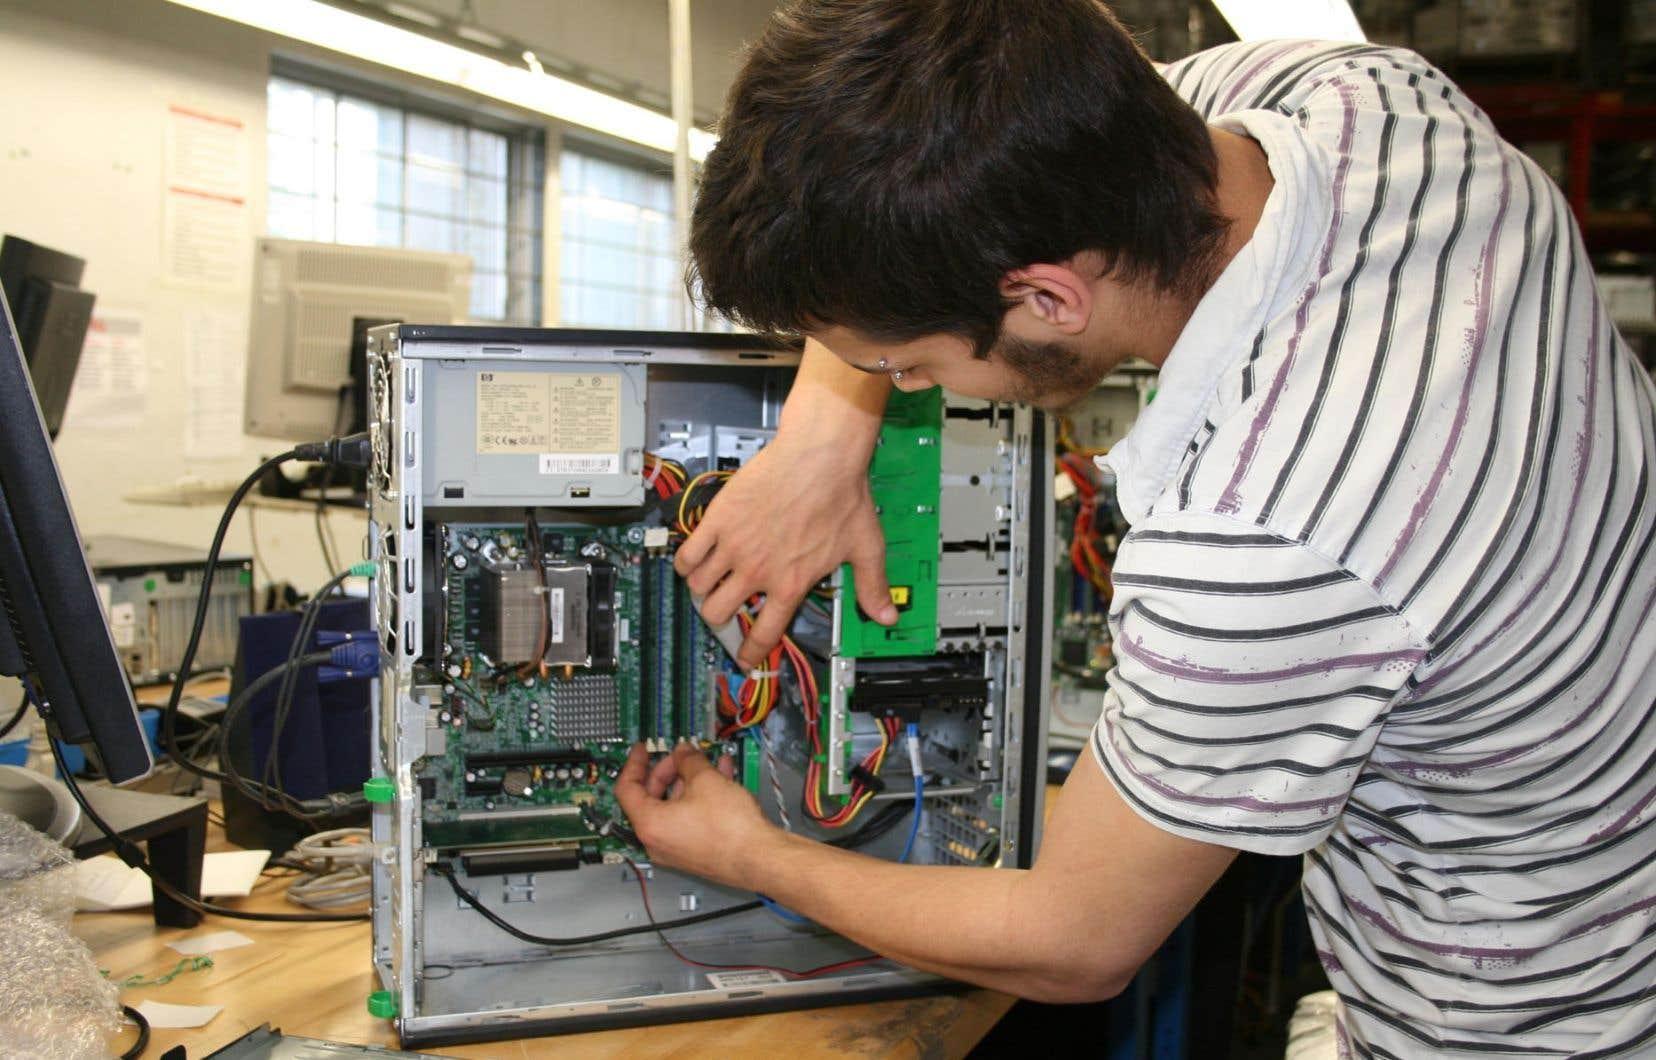 Insertech, qui redonne une seconde vie aux ordinateurs défectueux ou désuets, fait partie de la liste des entreprises d'économie sociale retenues pour le projet-pilote.